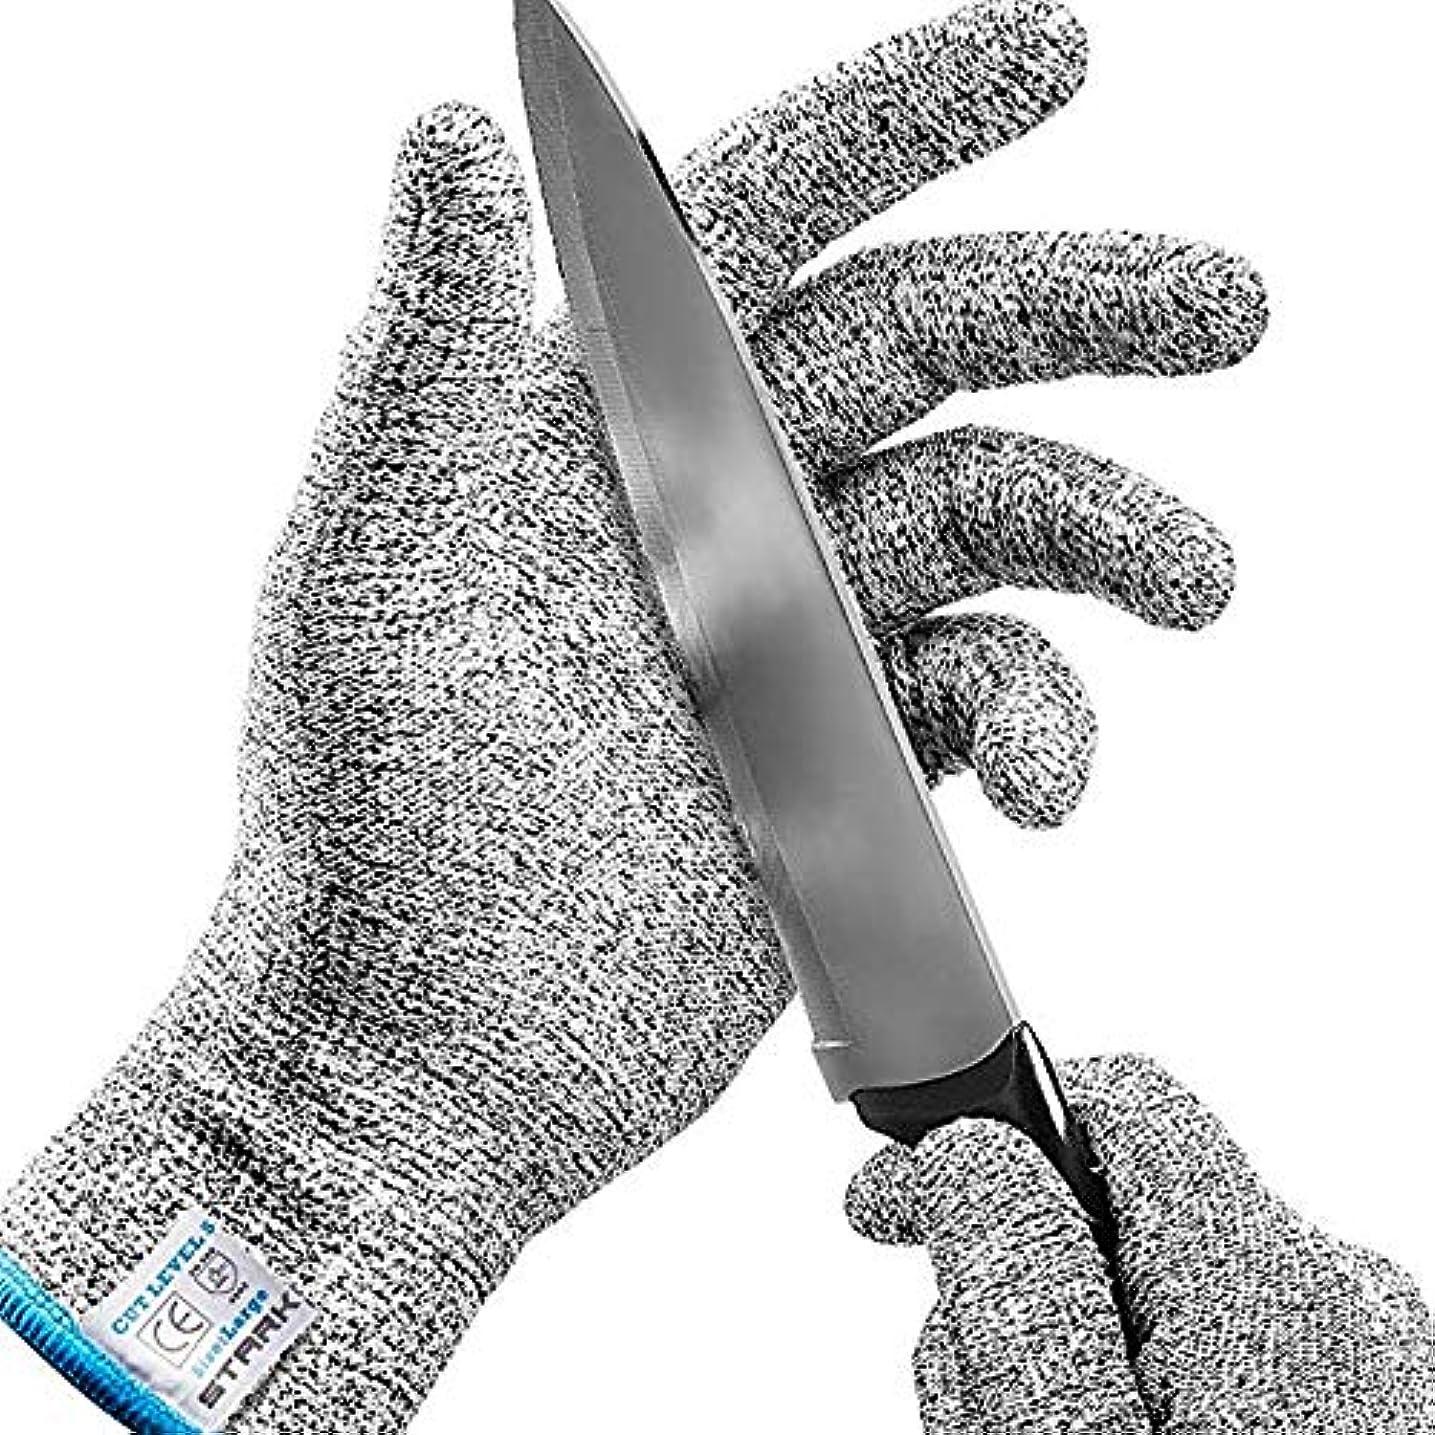 ミンチワードローブワードローブキッチンマンドリンスライス、グレーティング、フィッシュフィレ、オイスターShuckingと木彫りのために手袋、切断性手袋(1ペア)レベル5カット手袋をカット,L